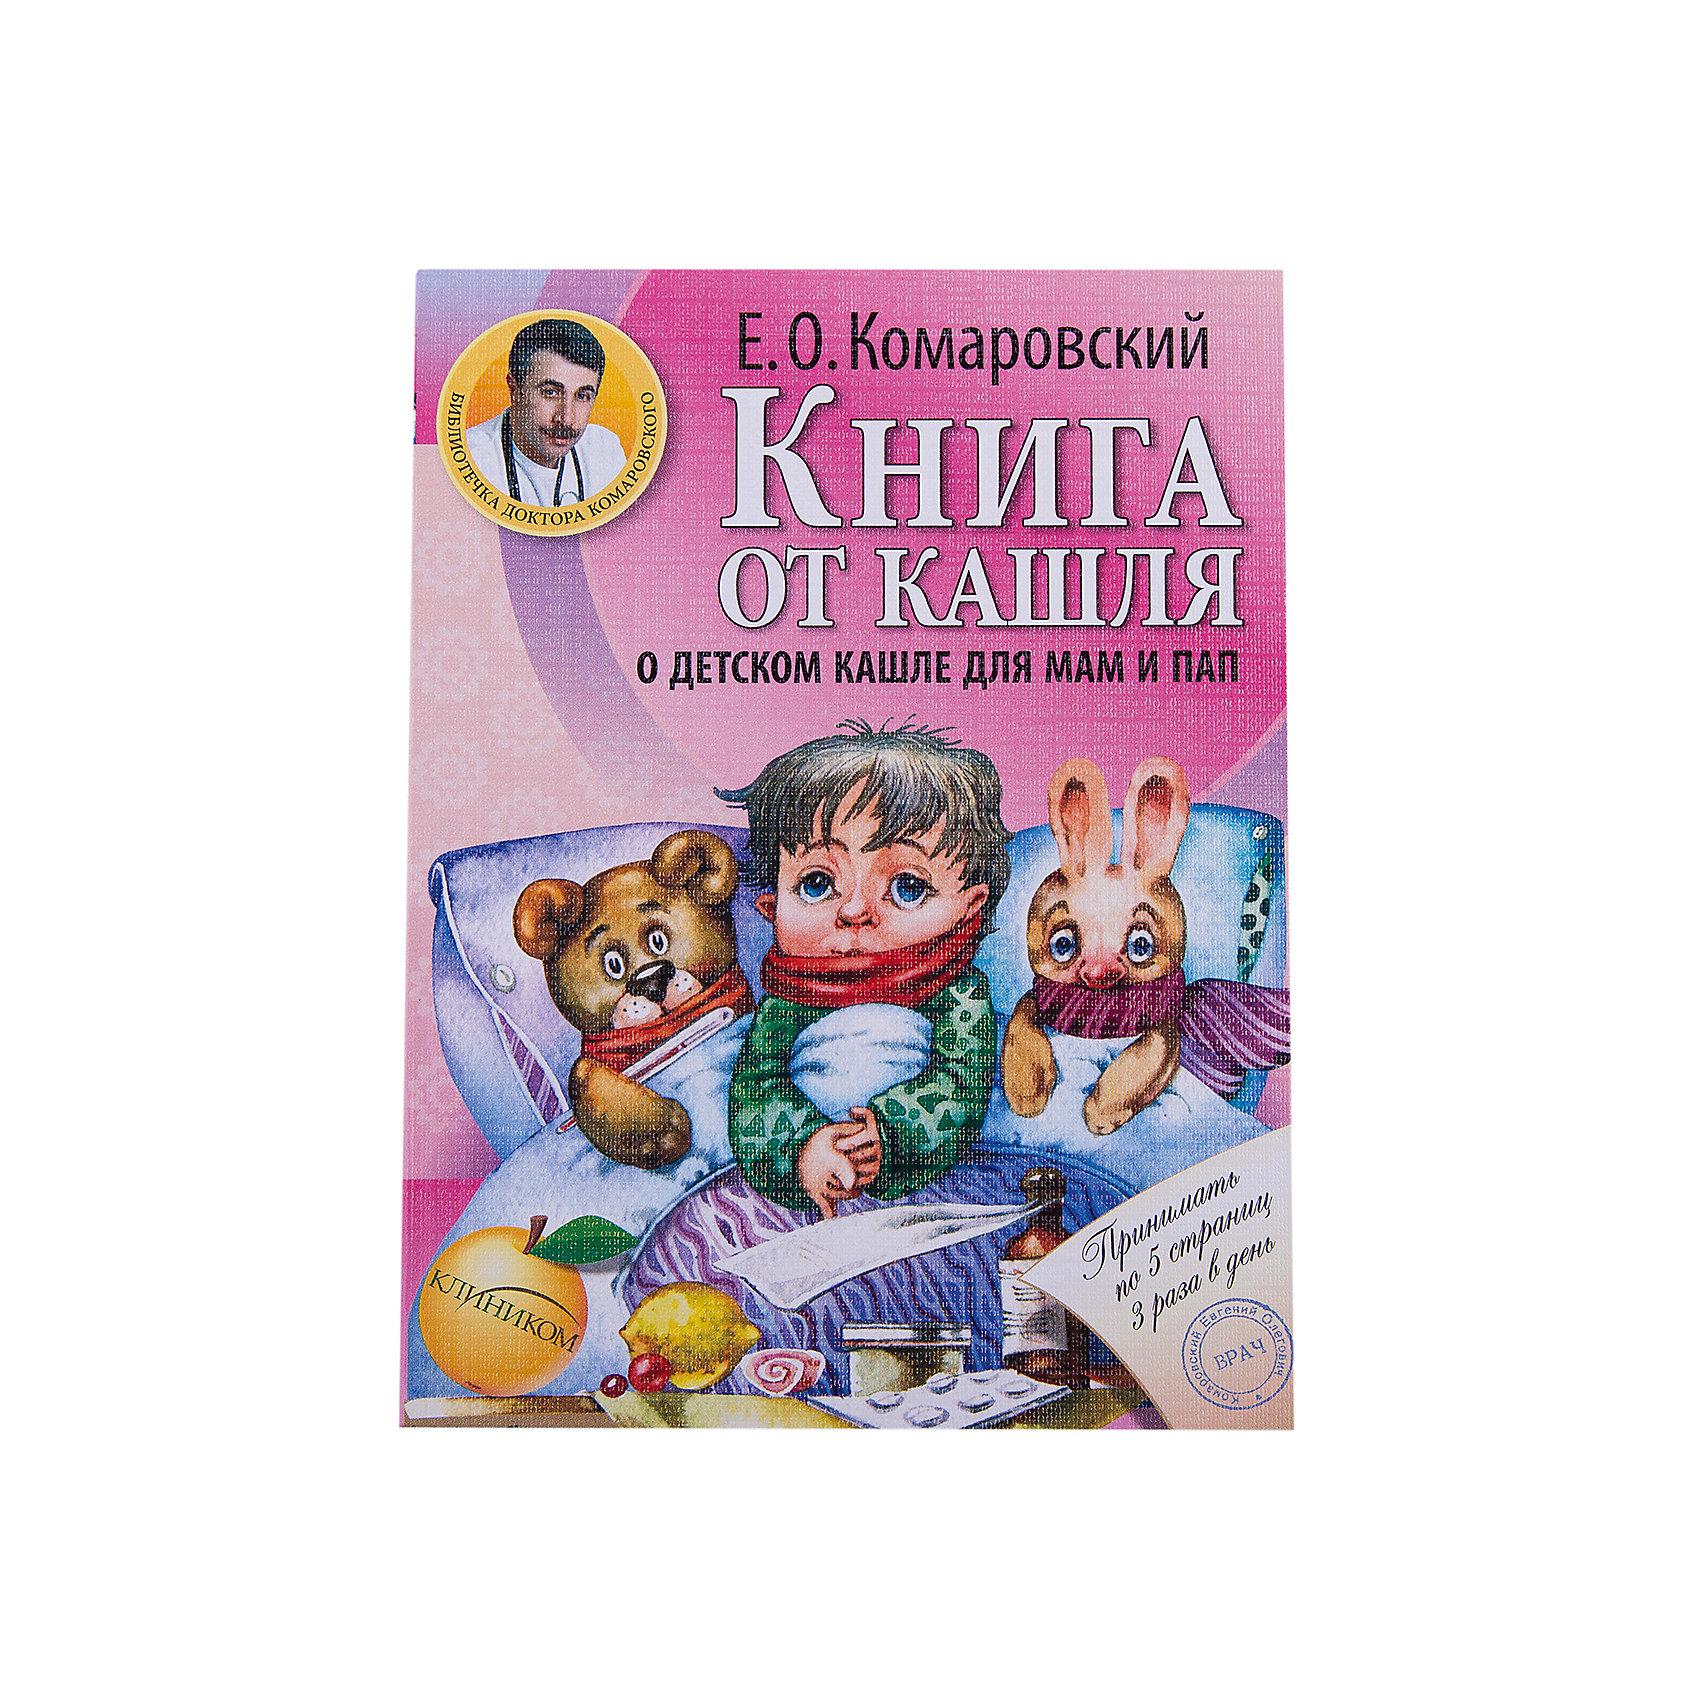 Книга от кашля: о детском кашле для мам и пап, Е.О. Комаровский (Эксмо)